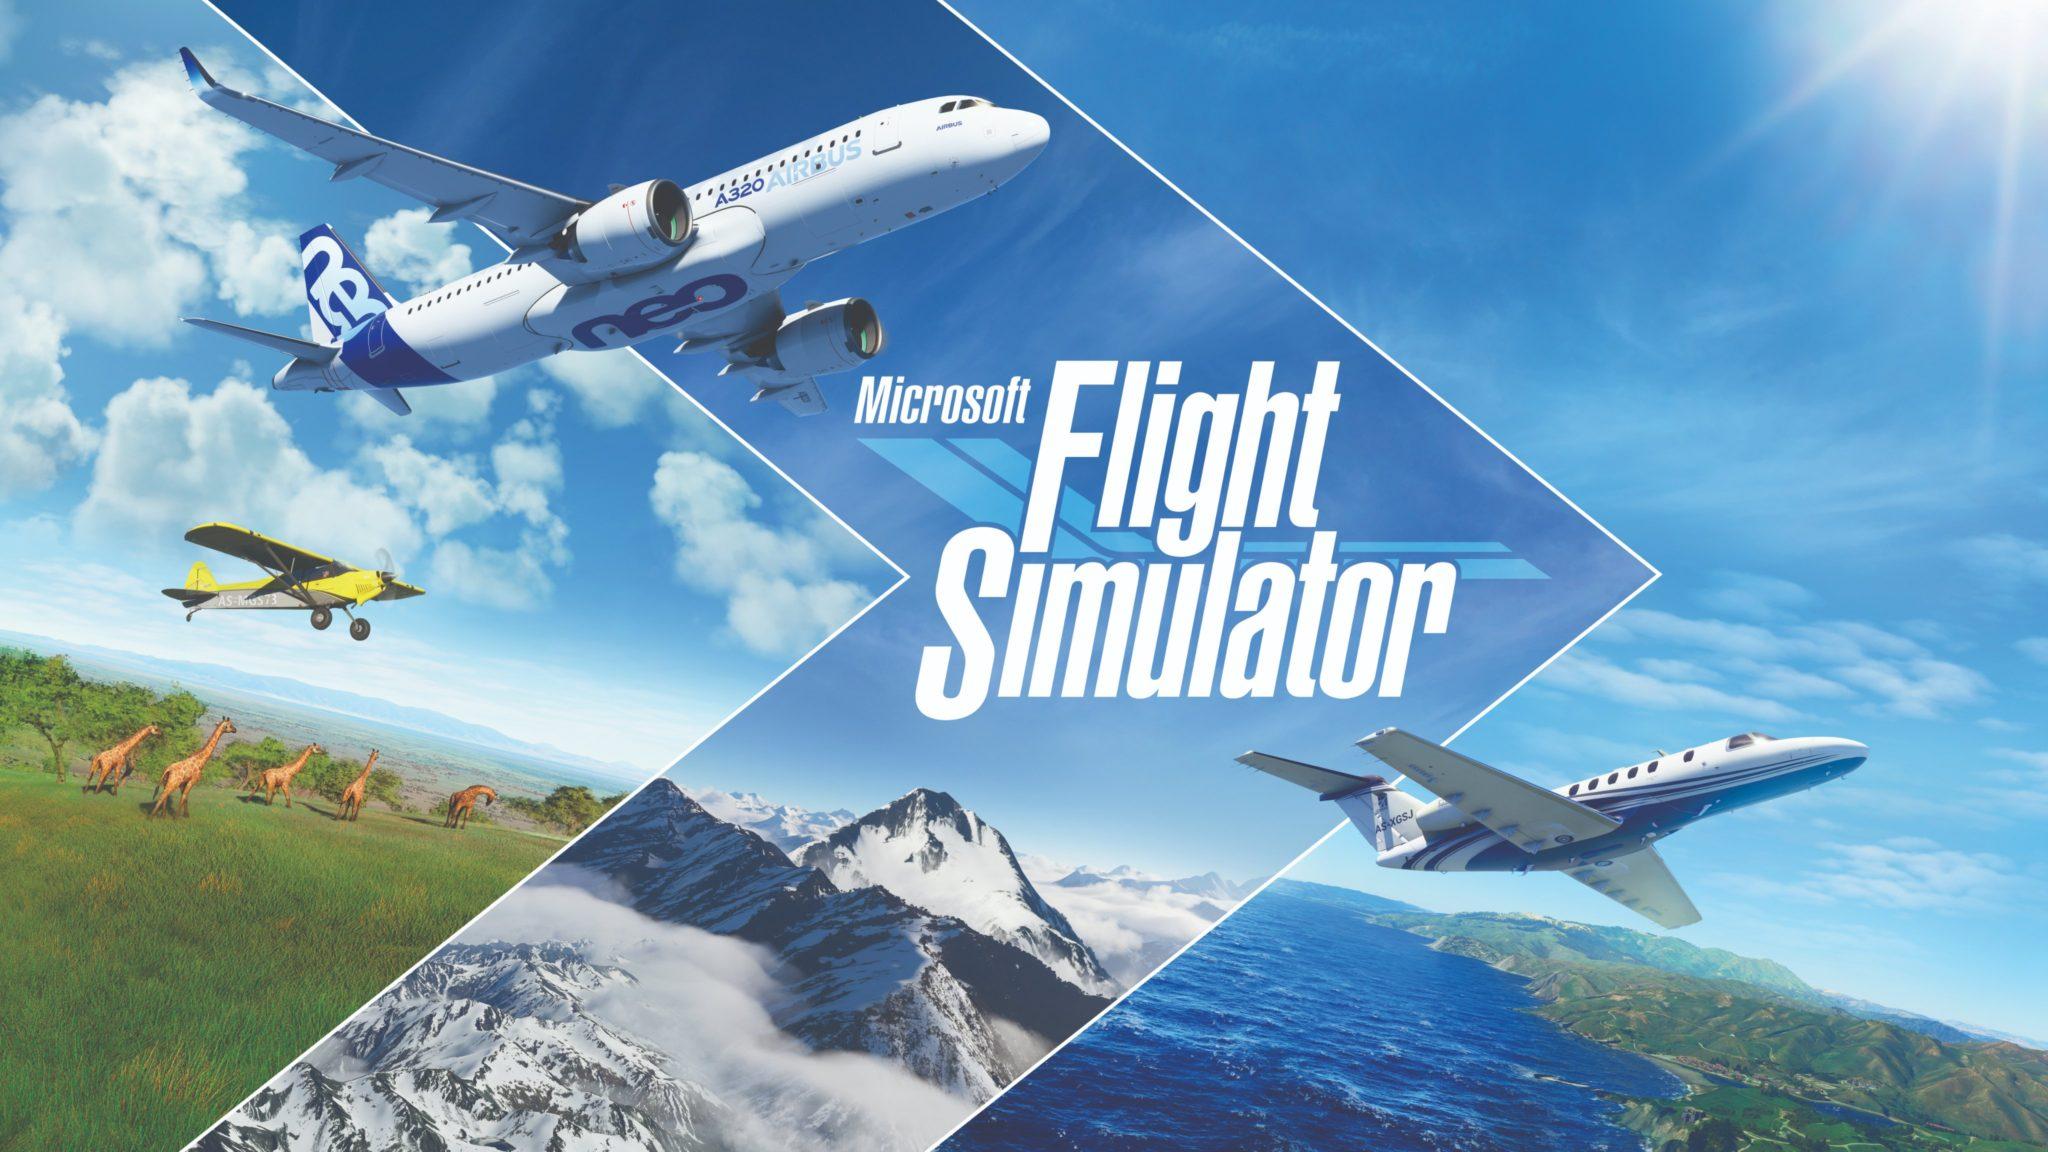 大量玩家反馈《微软飞行模拟器》VR版运行效果很差